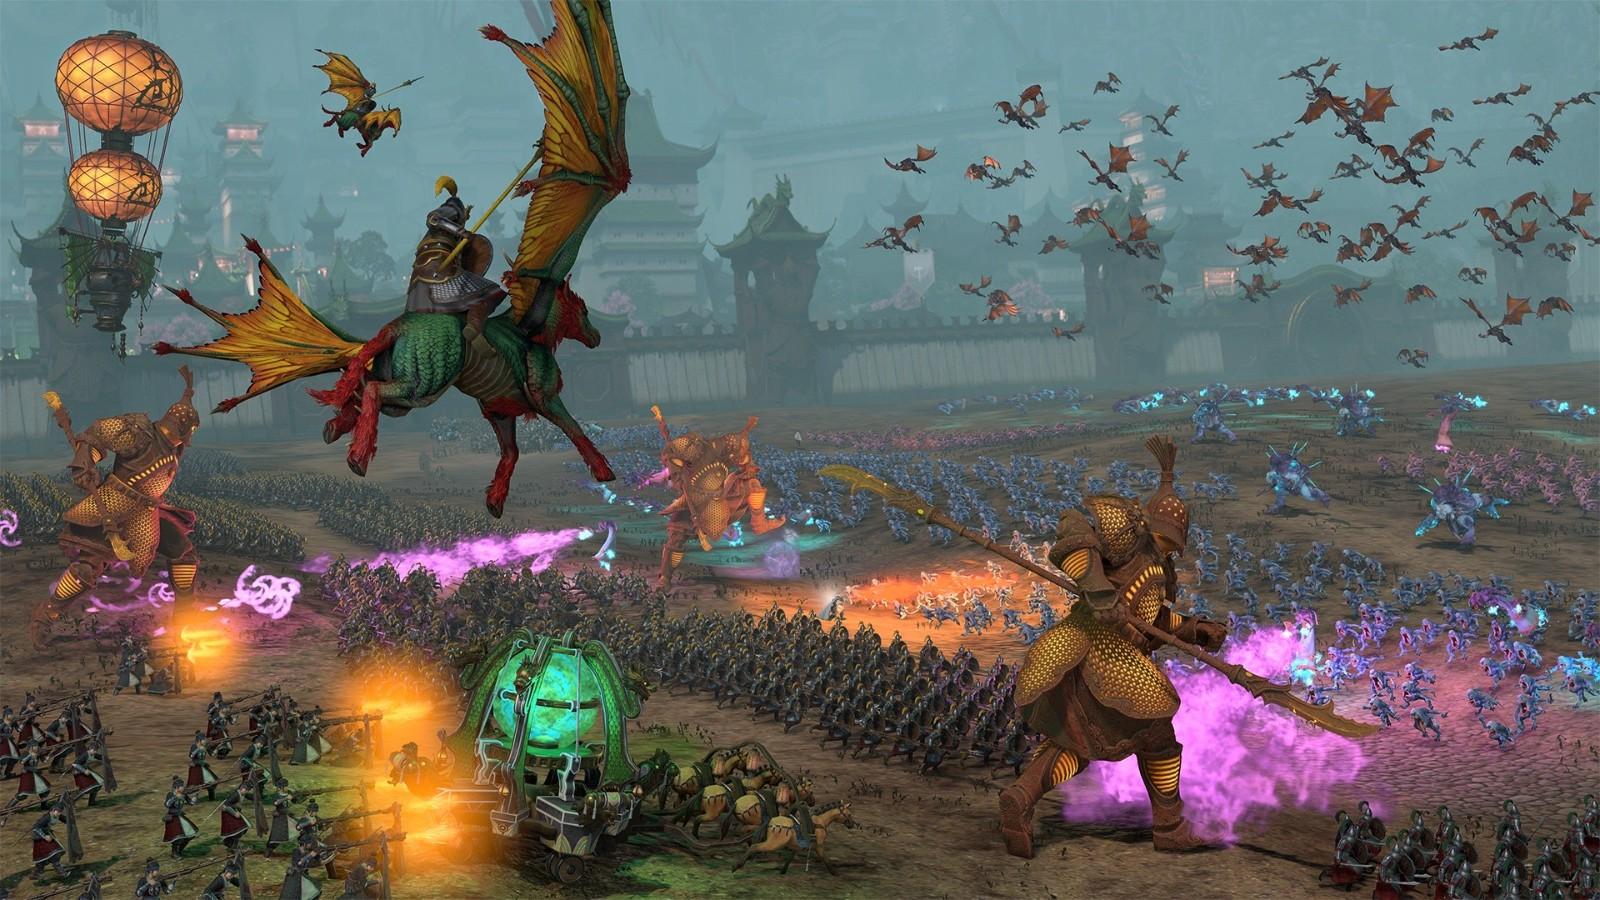 《全面战争:战锤3》新情报 双龙现身兵俑亮相插图5